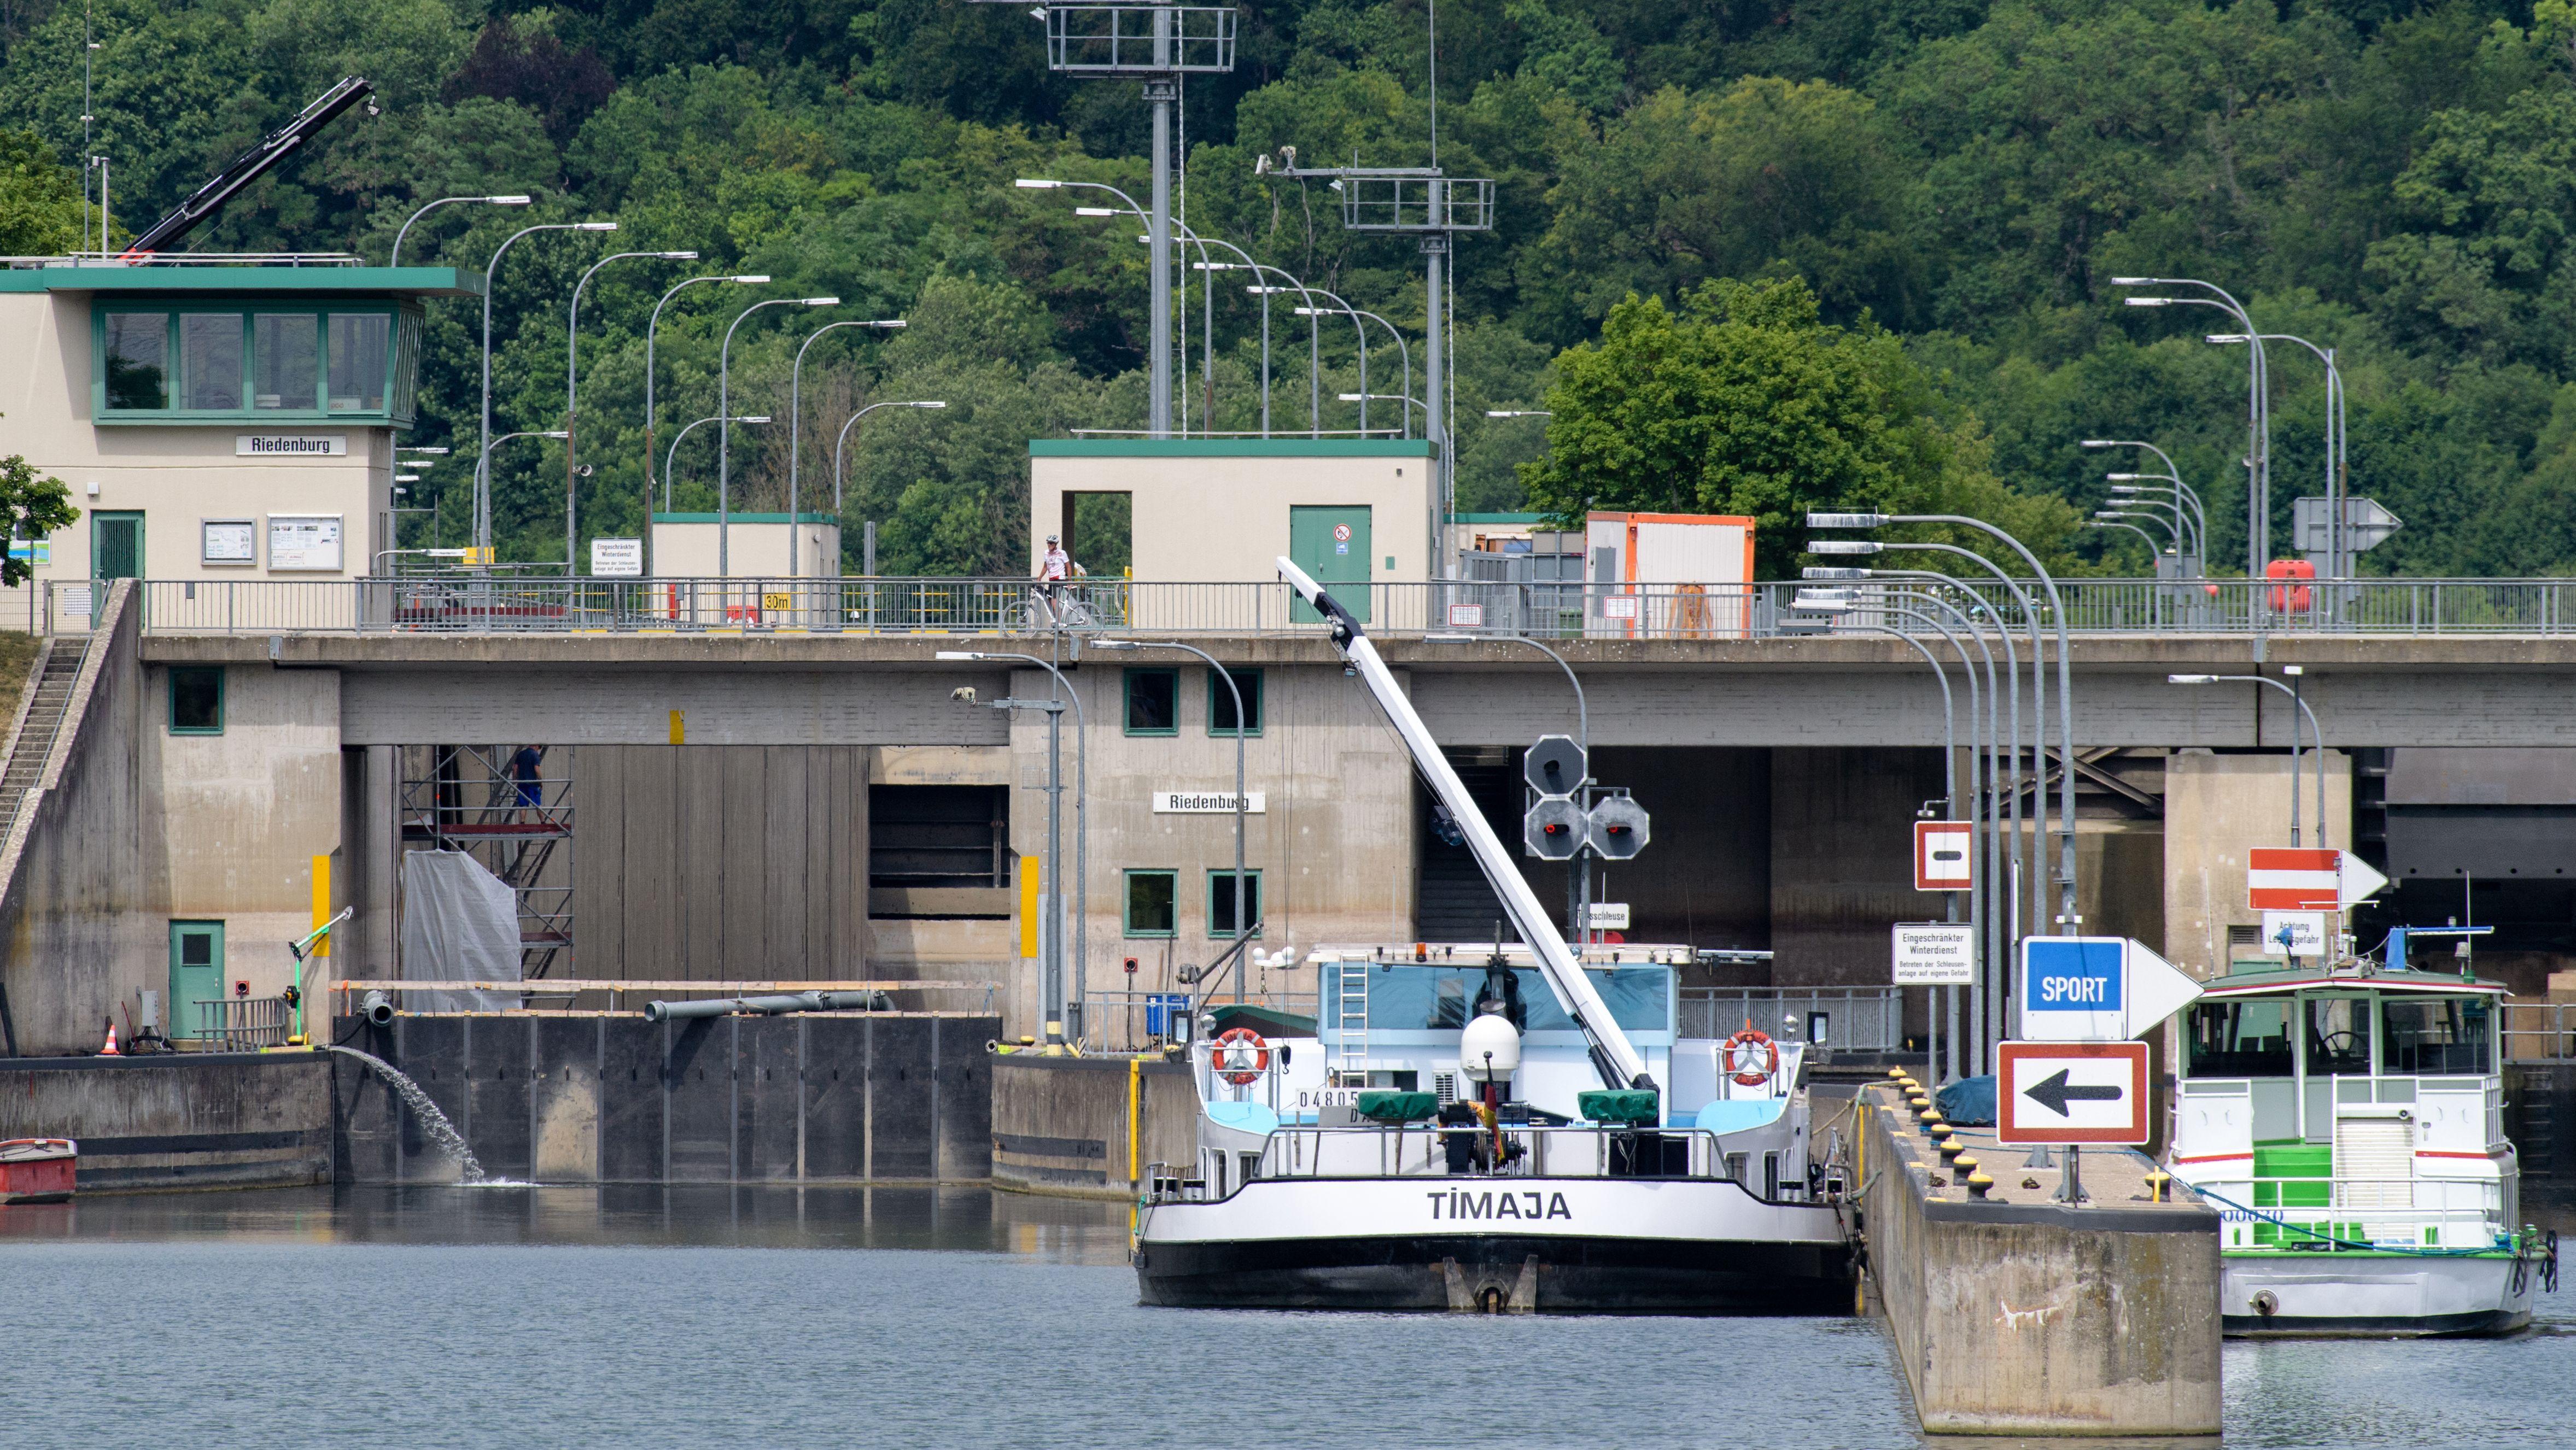 Ein Schiff wartet während der Reparaturarbeiten Mitte Juni vor der gesperrten Schleuse in Riedenburg